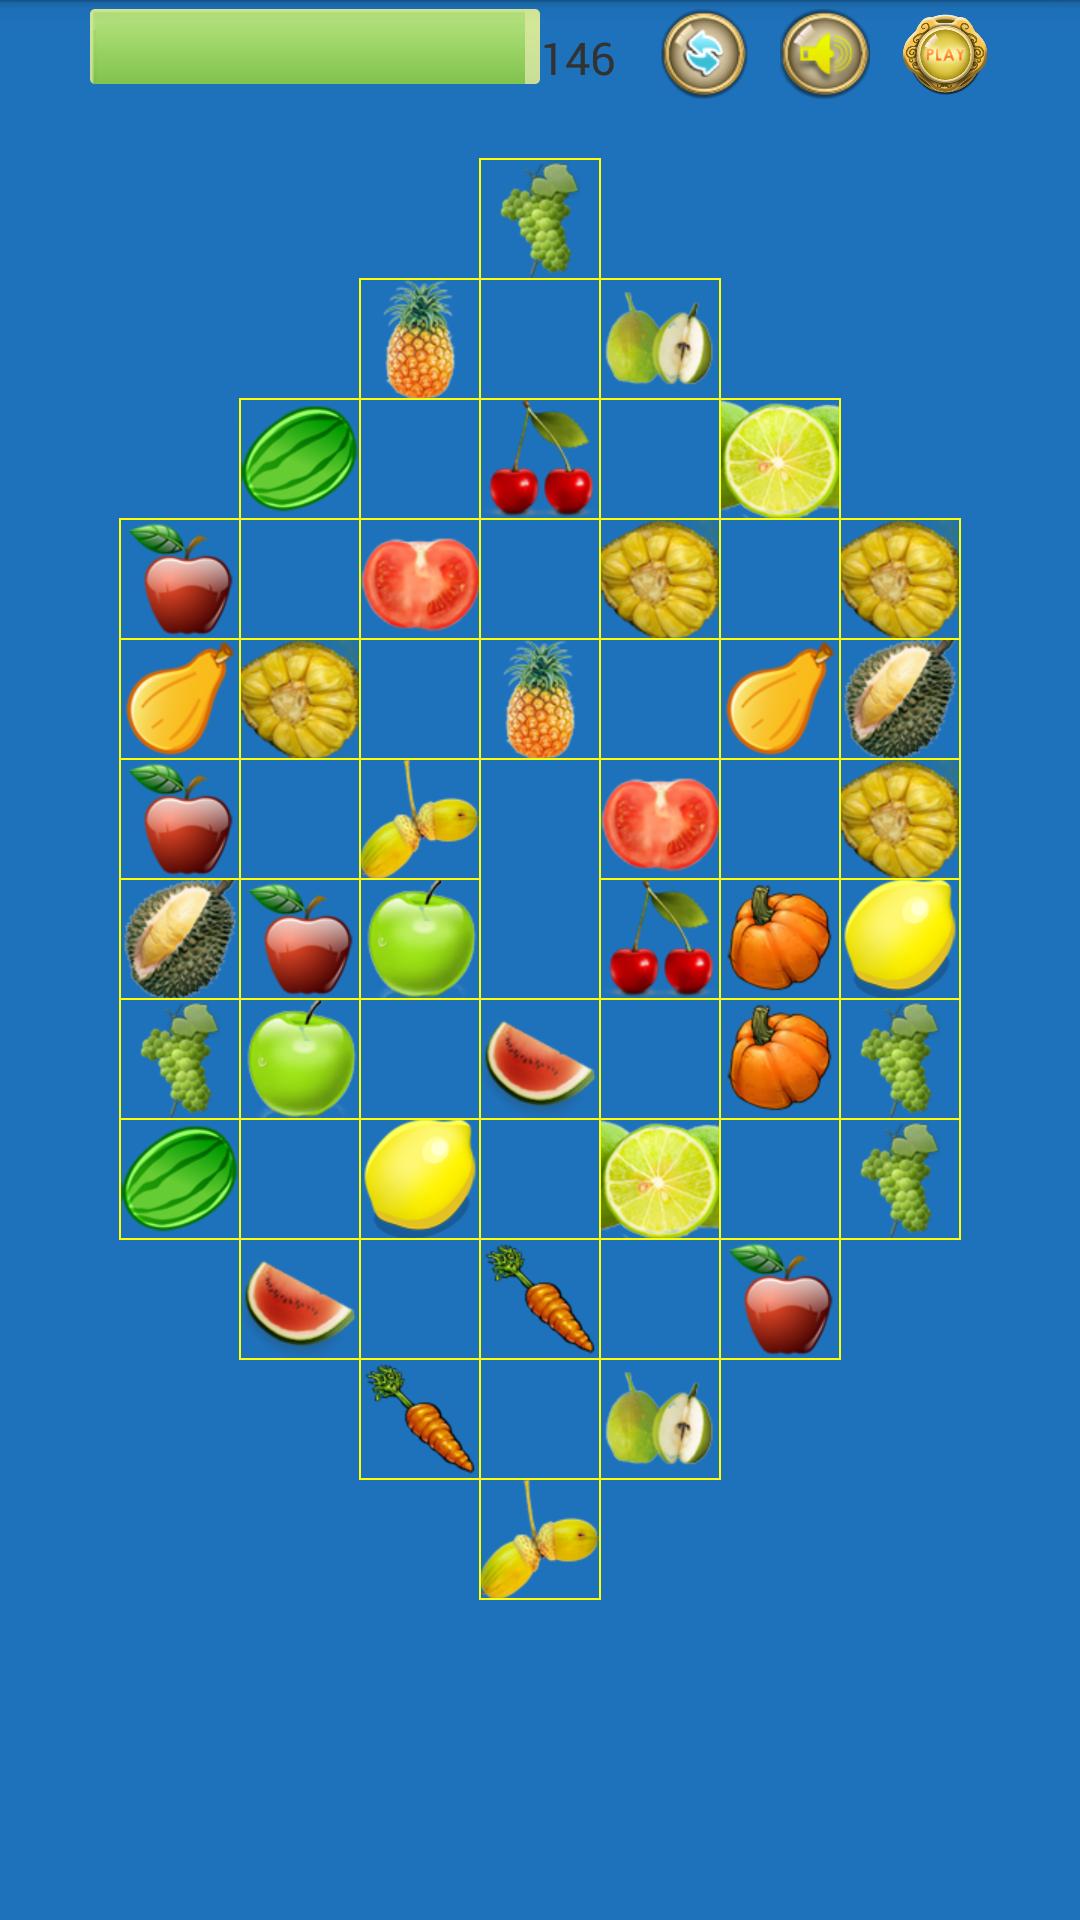 > 水果连连看  水果连连看是一款休闲娱乐游戏,简洁清新的界面,可爱的